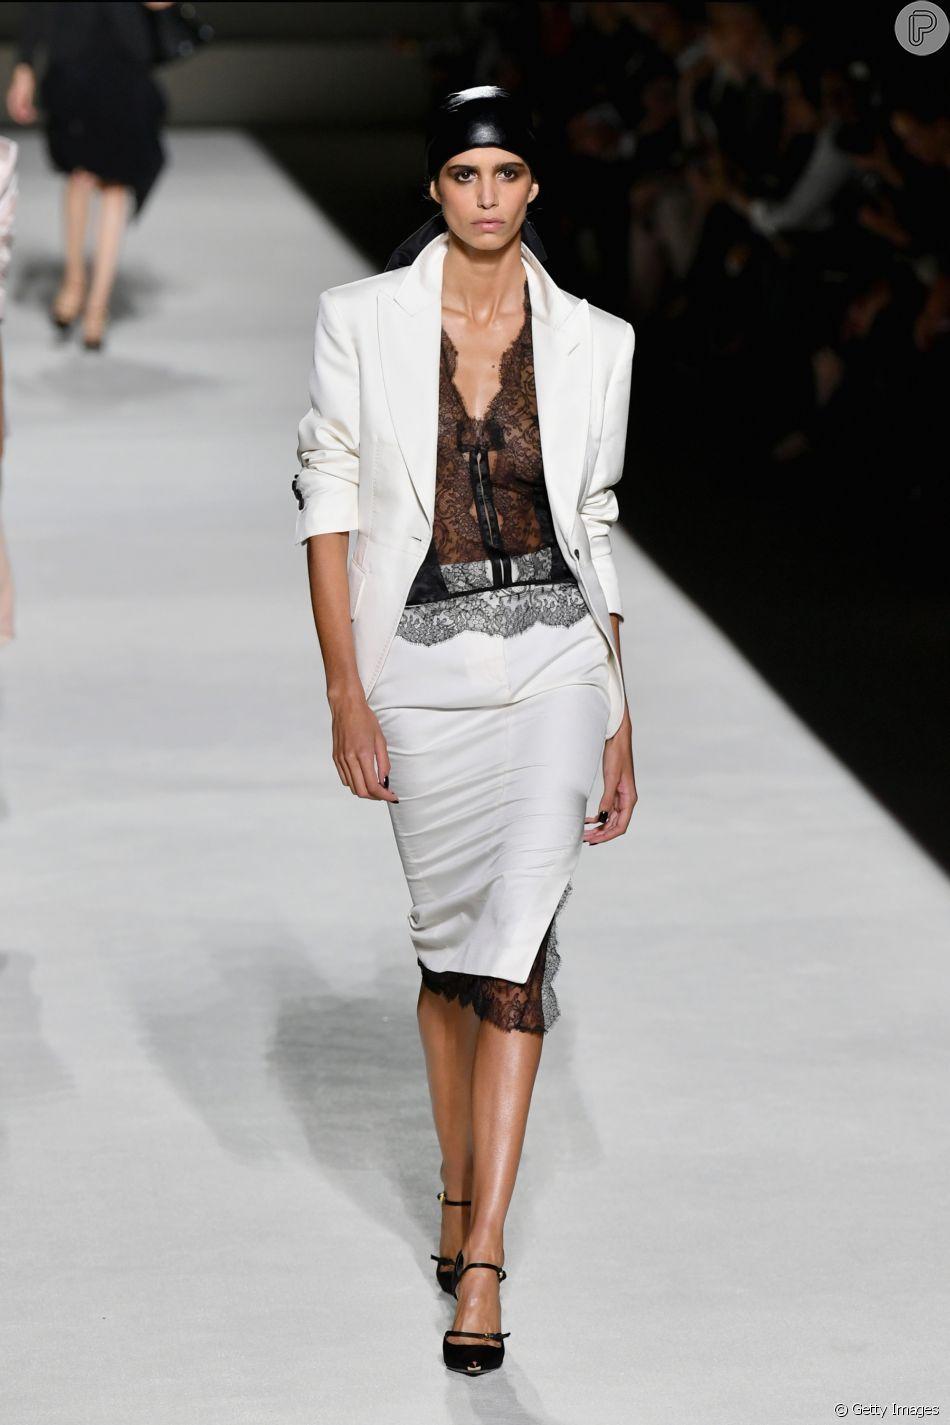 Tendências do primeiro dia da New York Fashion Week verão 2019, que começou oficialmente em 6 de setembro de 2018 Tom Ford apostou no P&B